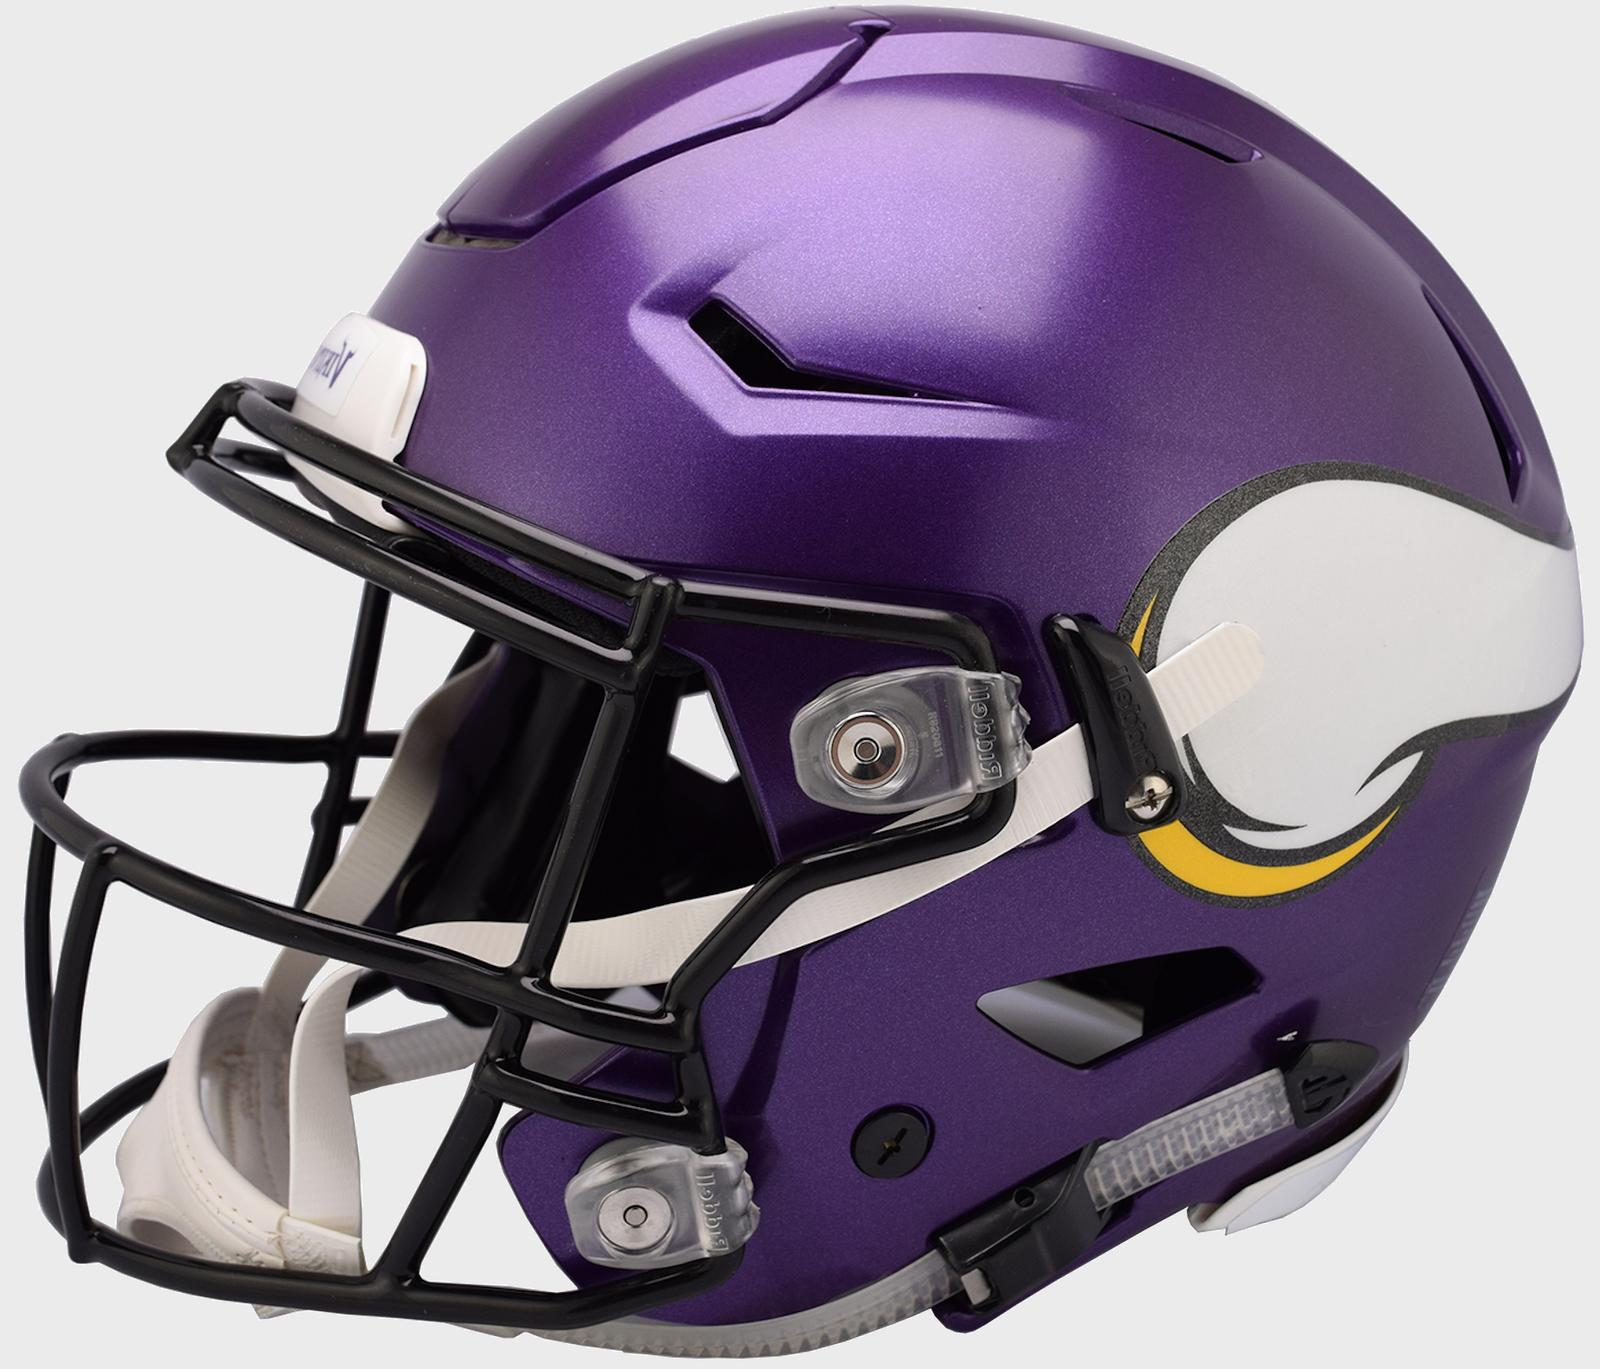 minnesota vikings nfl speedflex football helmet w